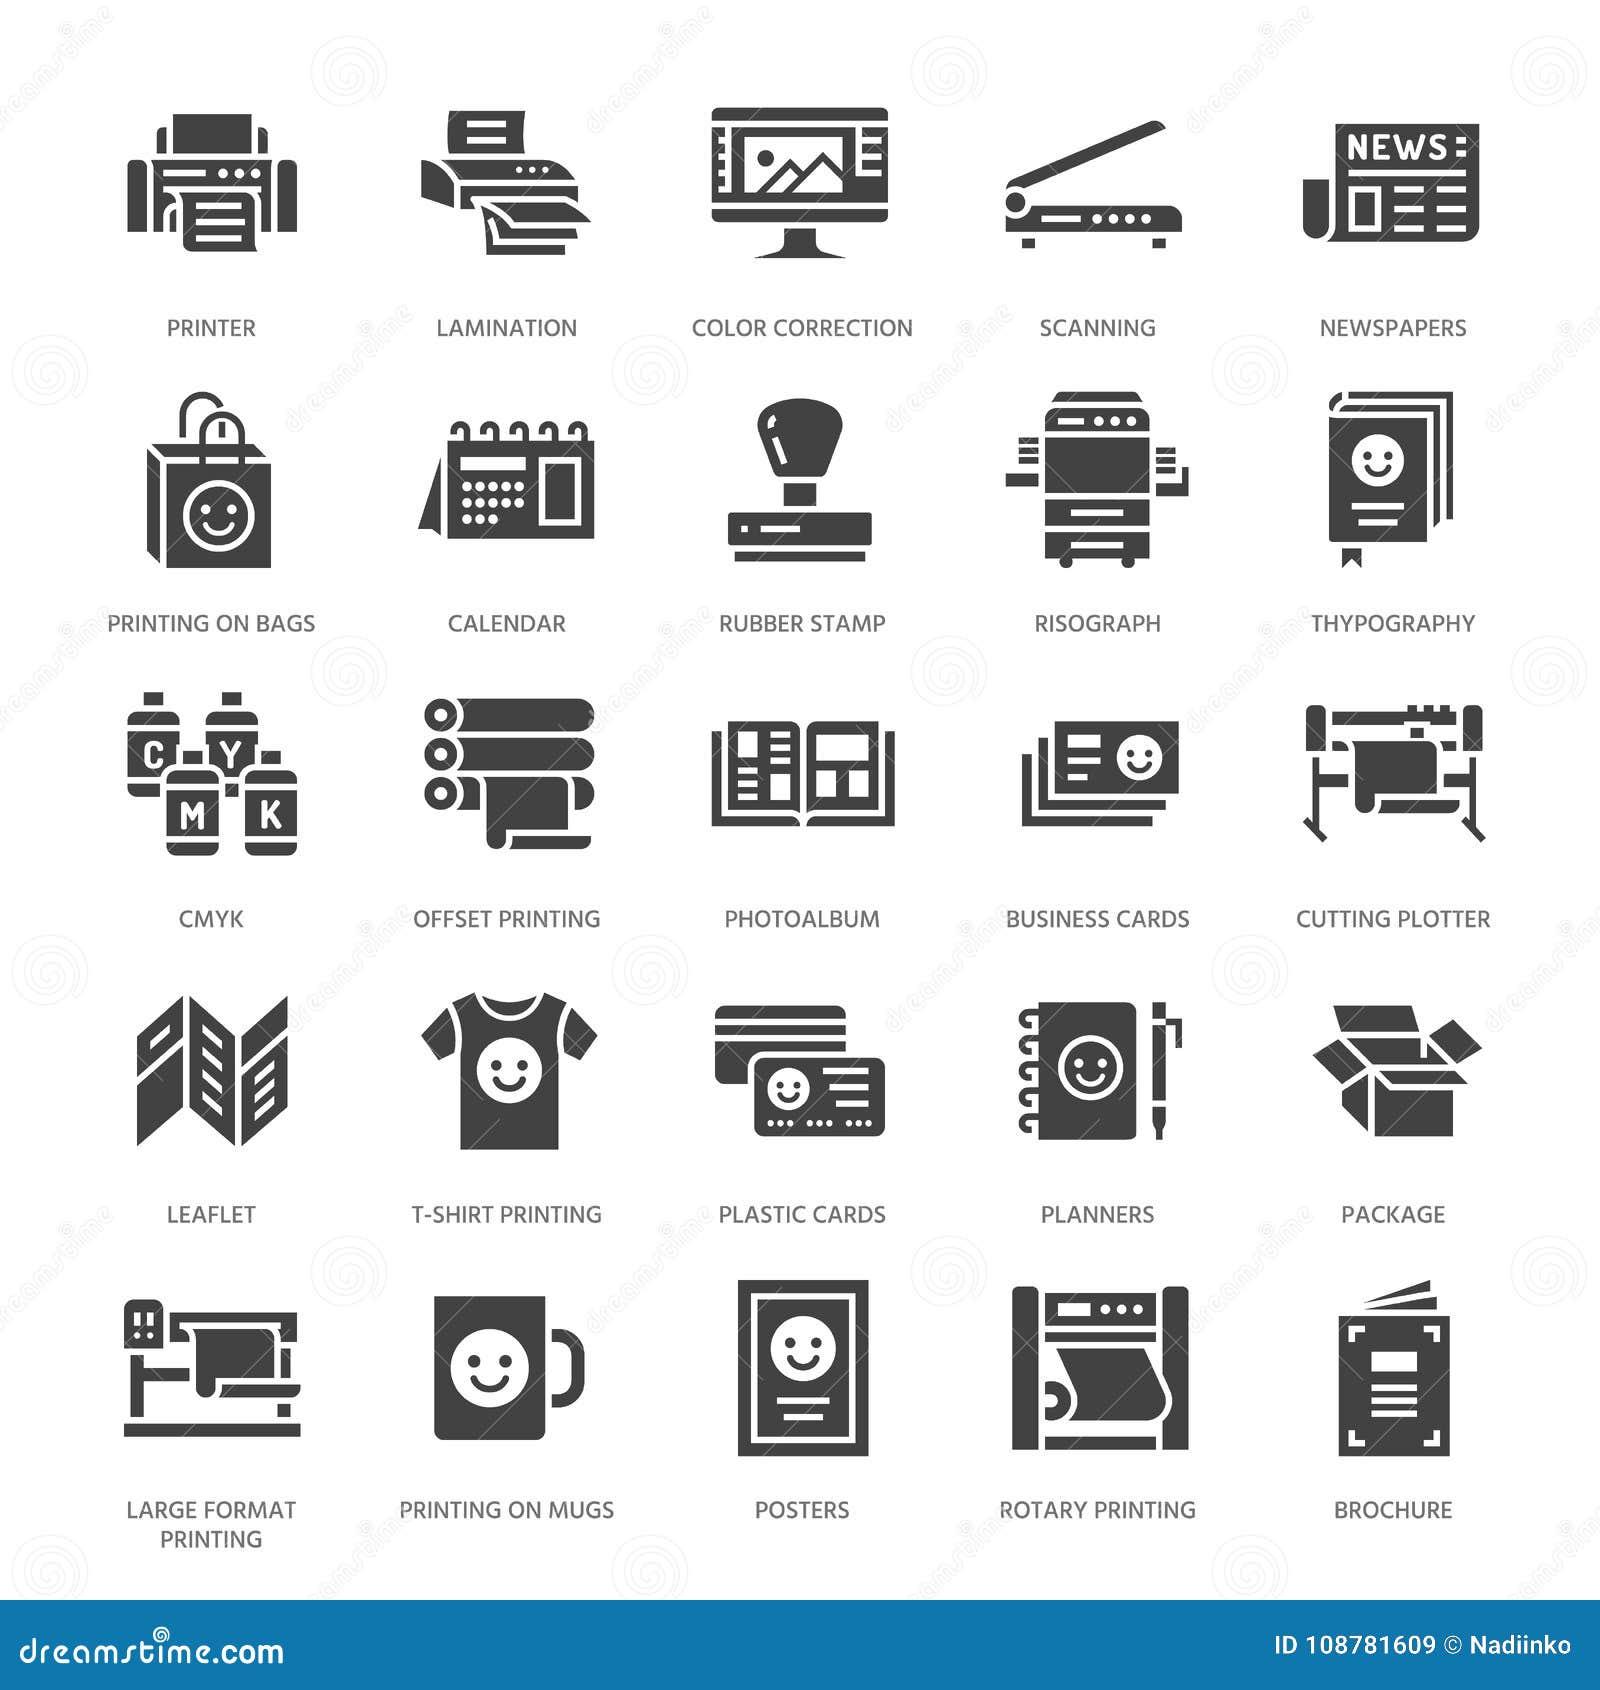 Επίπεδα εικονίδια glyph σπιτιών εκτύπωσης Εξοπλισμός καταστημάτων τυπωμένων υλών - εκτυπωτής, ανιχνευτής, αντισταθμισμένη μηχανή,